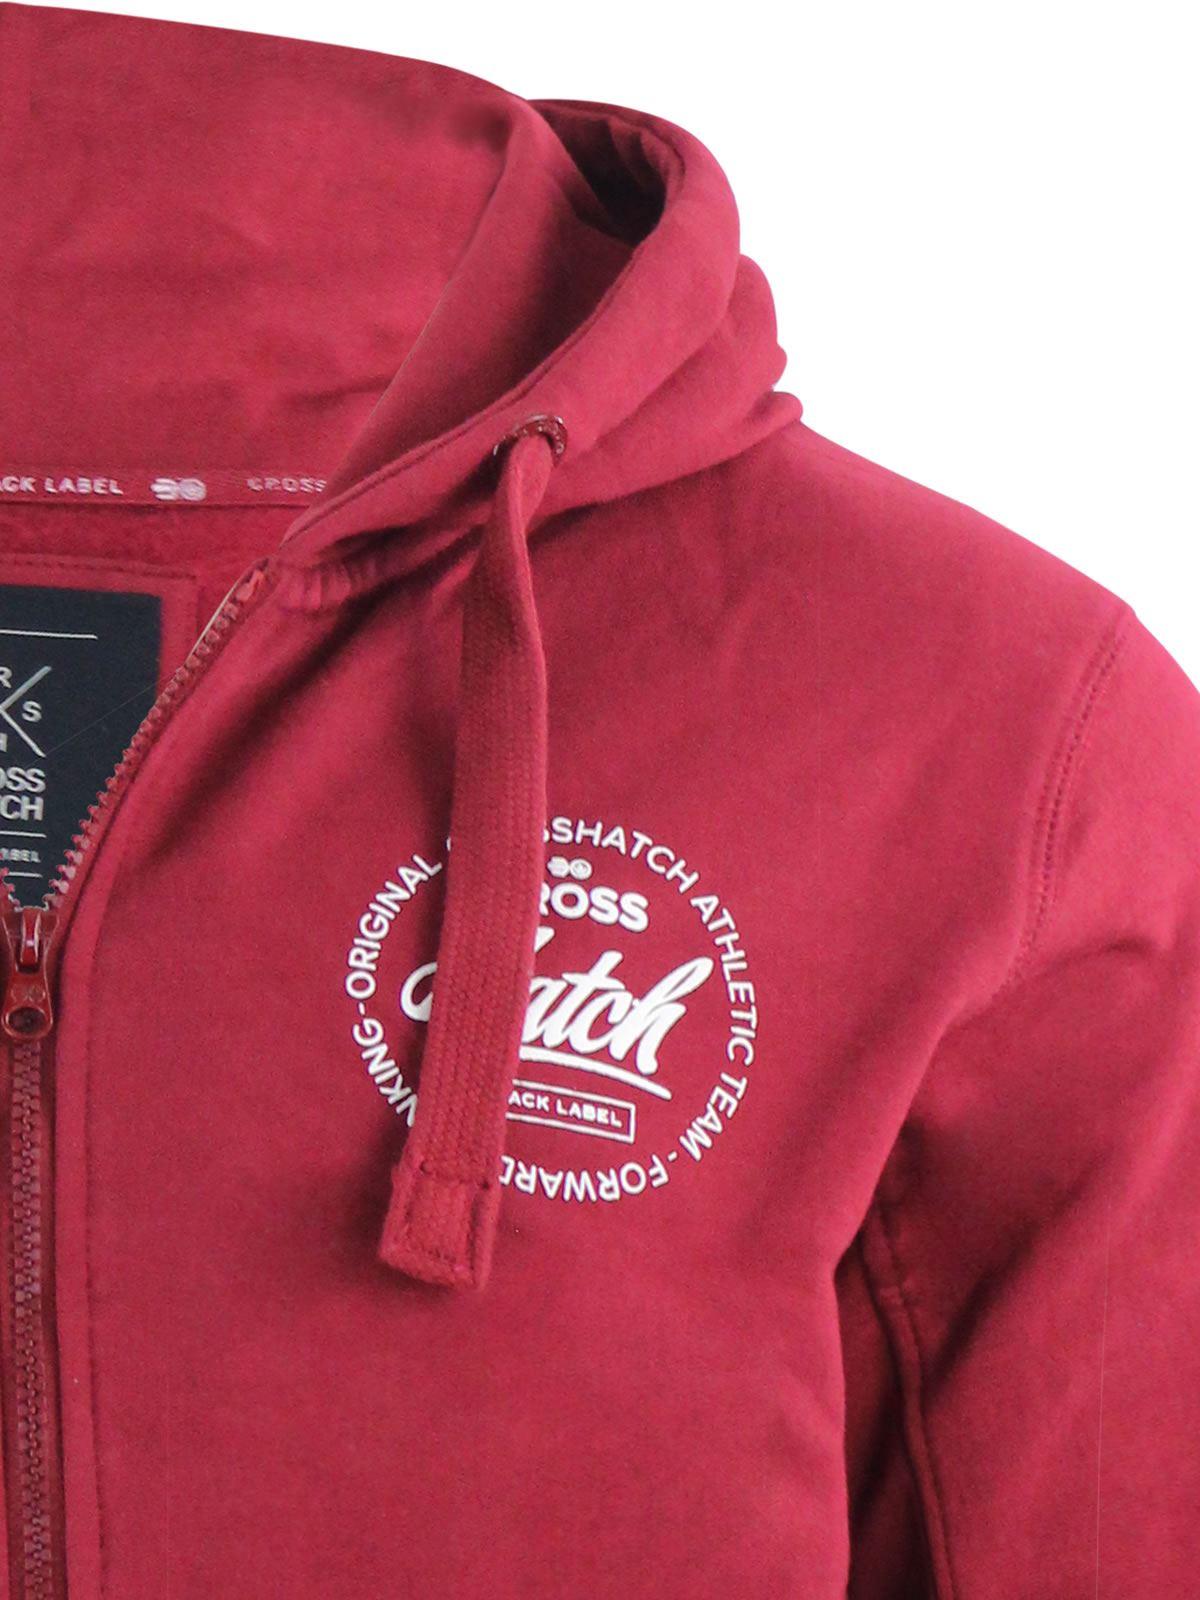 Mens-Hoodie-Crosshatch-Ribbler-Zip-Up-Hooded-Jacket-Pullover-Jumper-Sweatershirt thumbnail 23